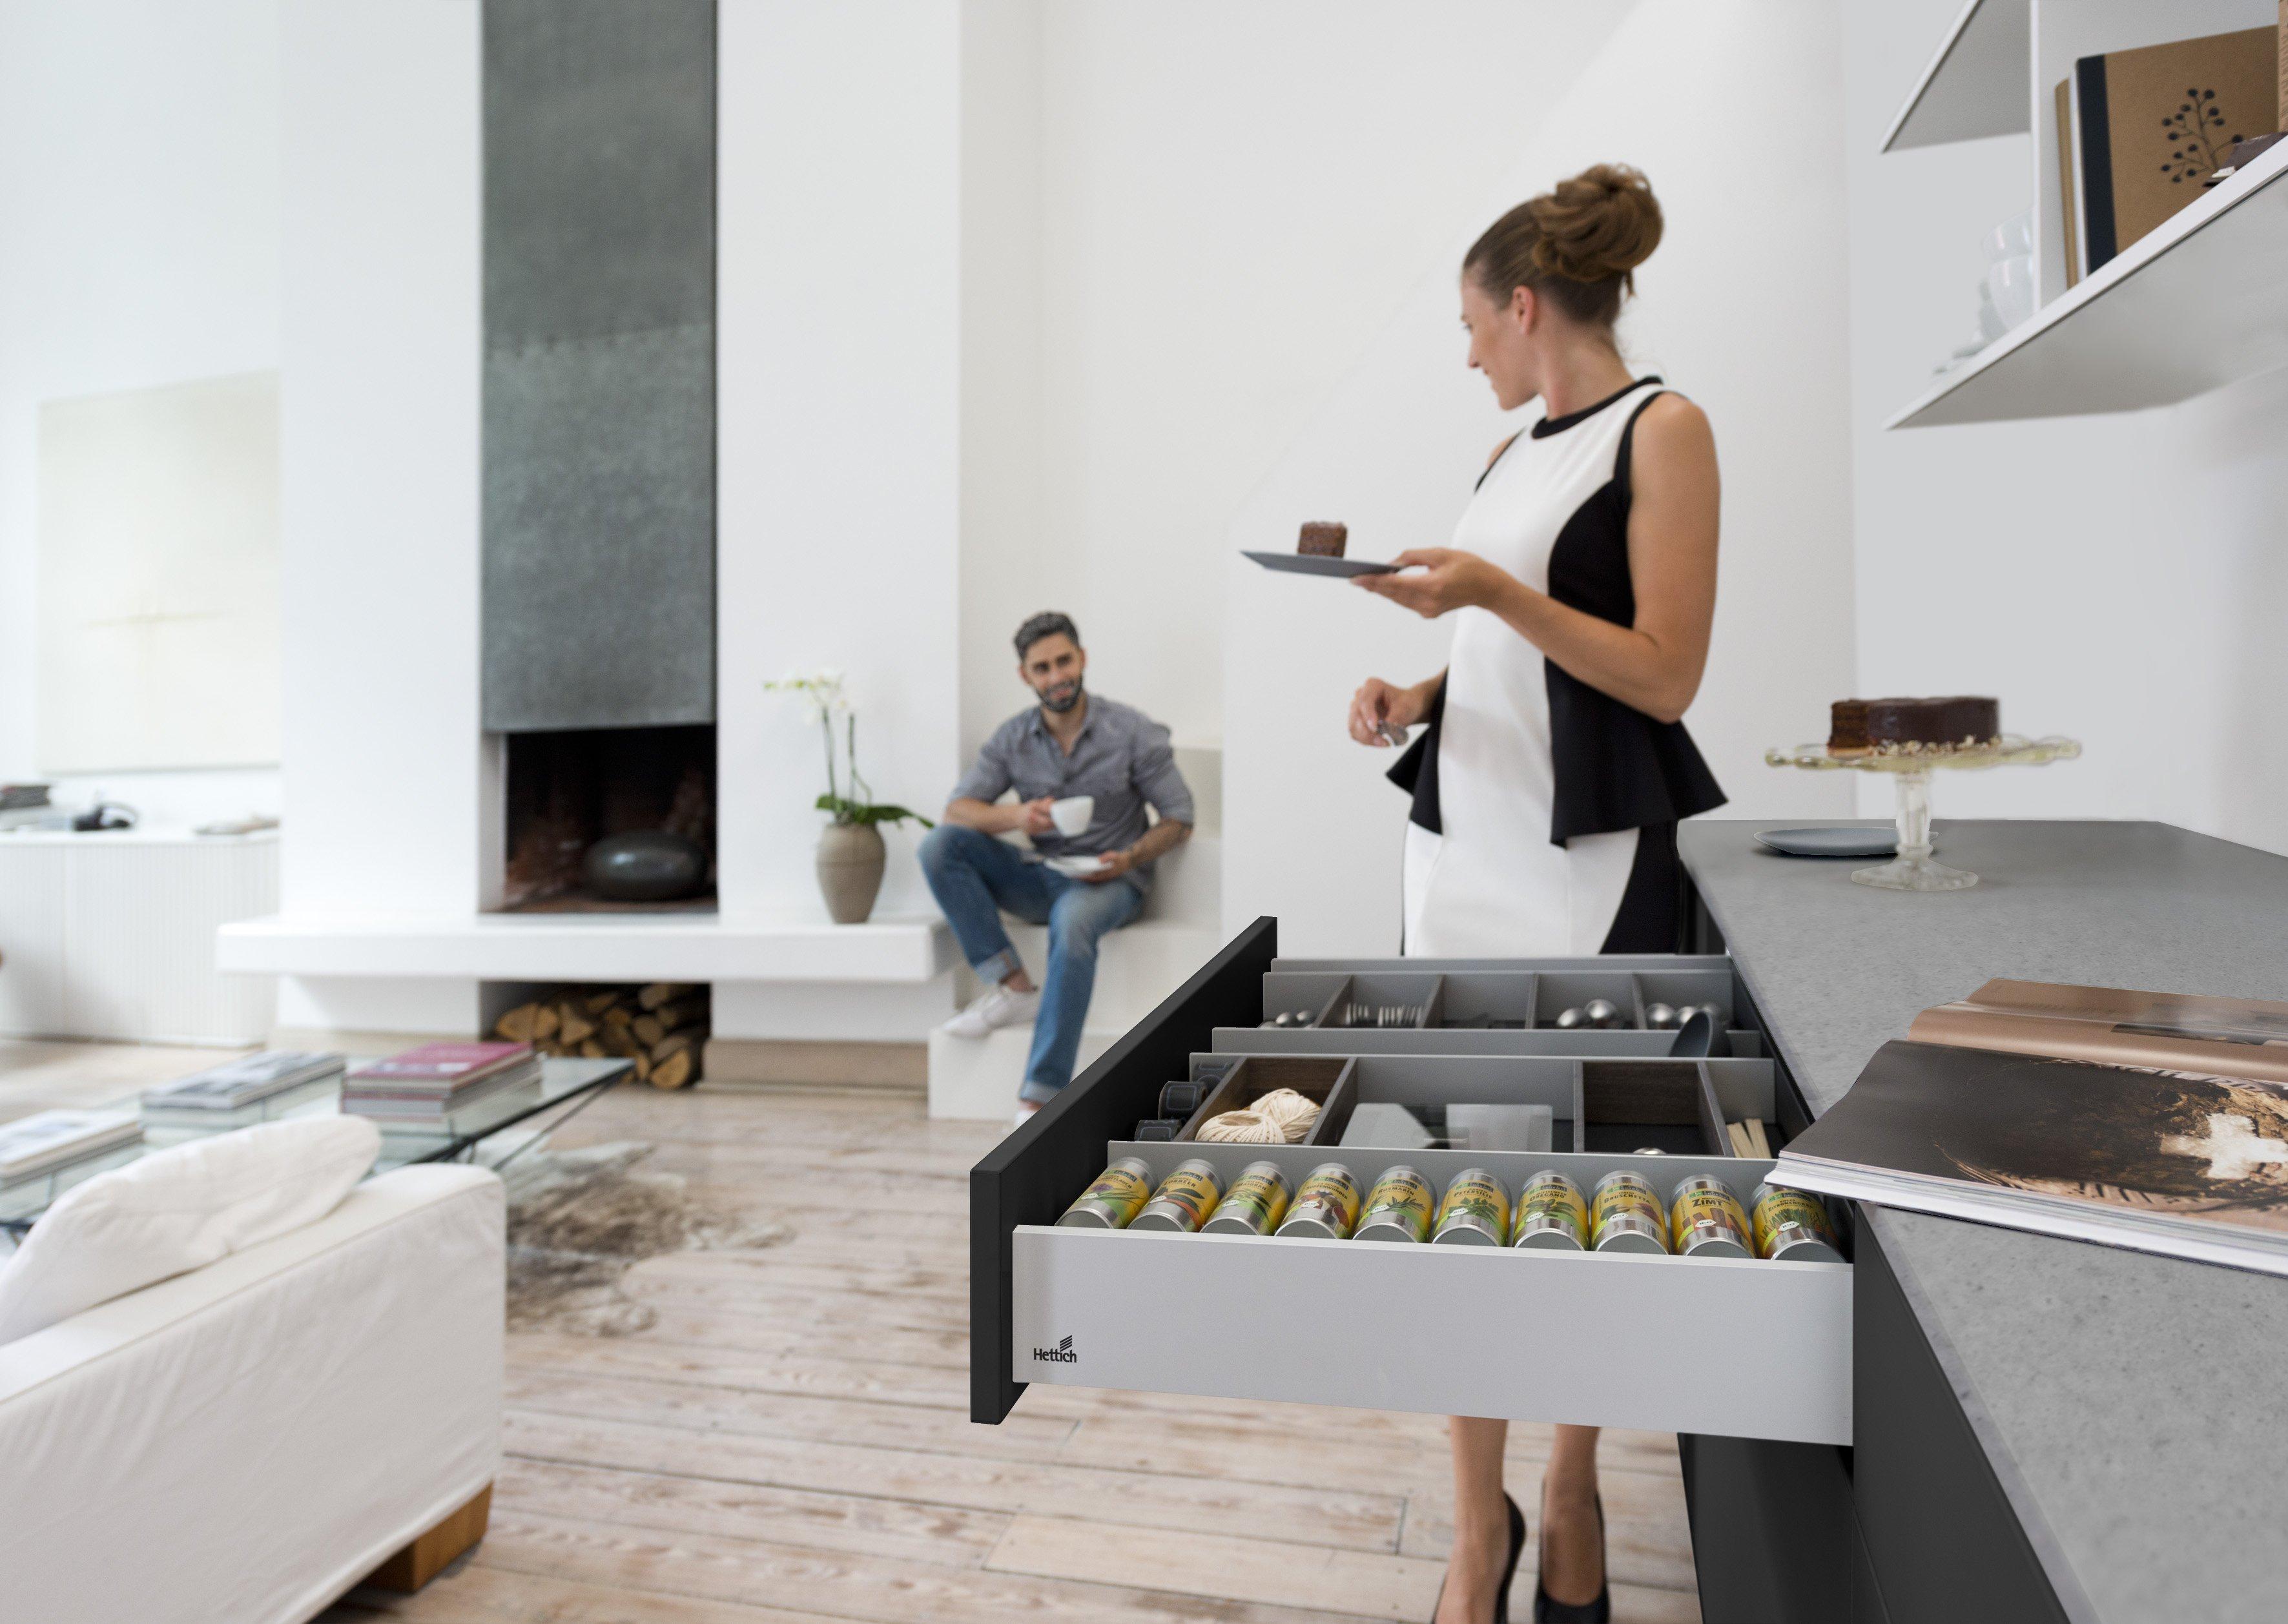 Ausgezeichnet Küche Benchtops Newcastle, Australien Bilder - Ideen ...